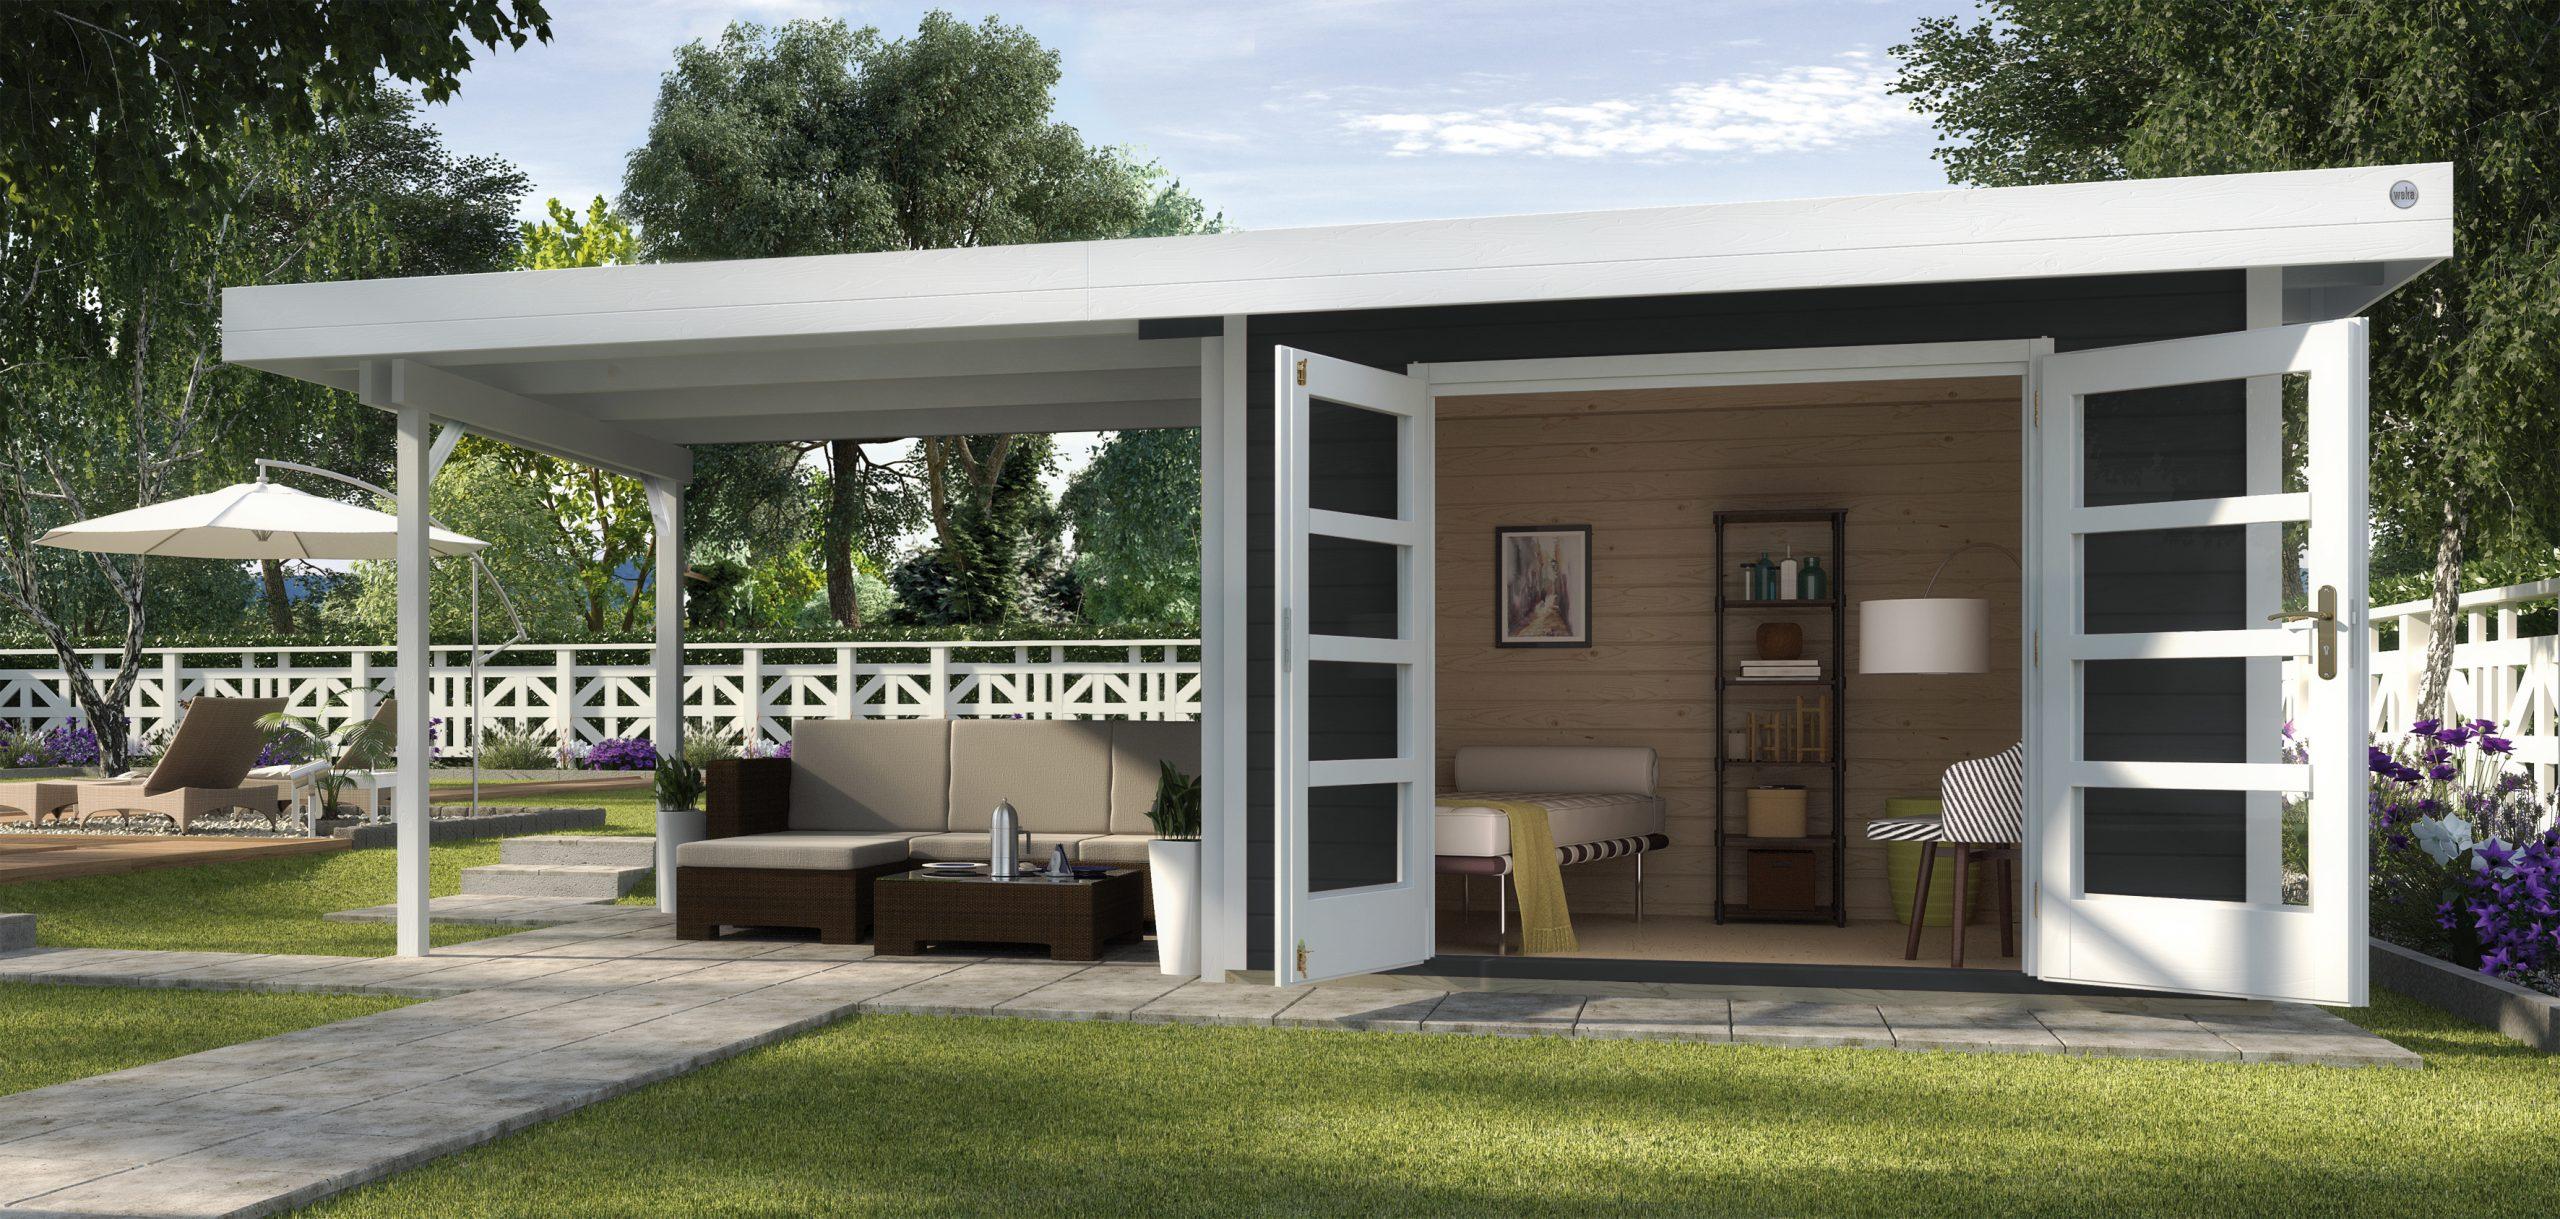 Abri De Jardin Design Toit Plat Avec Auvent - Abri Bois De 10 À 15 M² Nea  Concept intérieur Abris De Jardin Bois Toit Plat